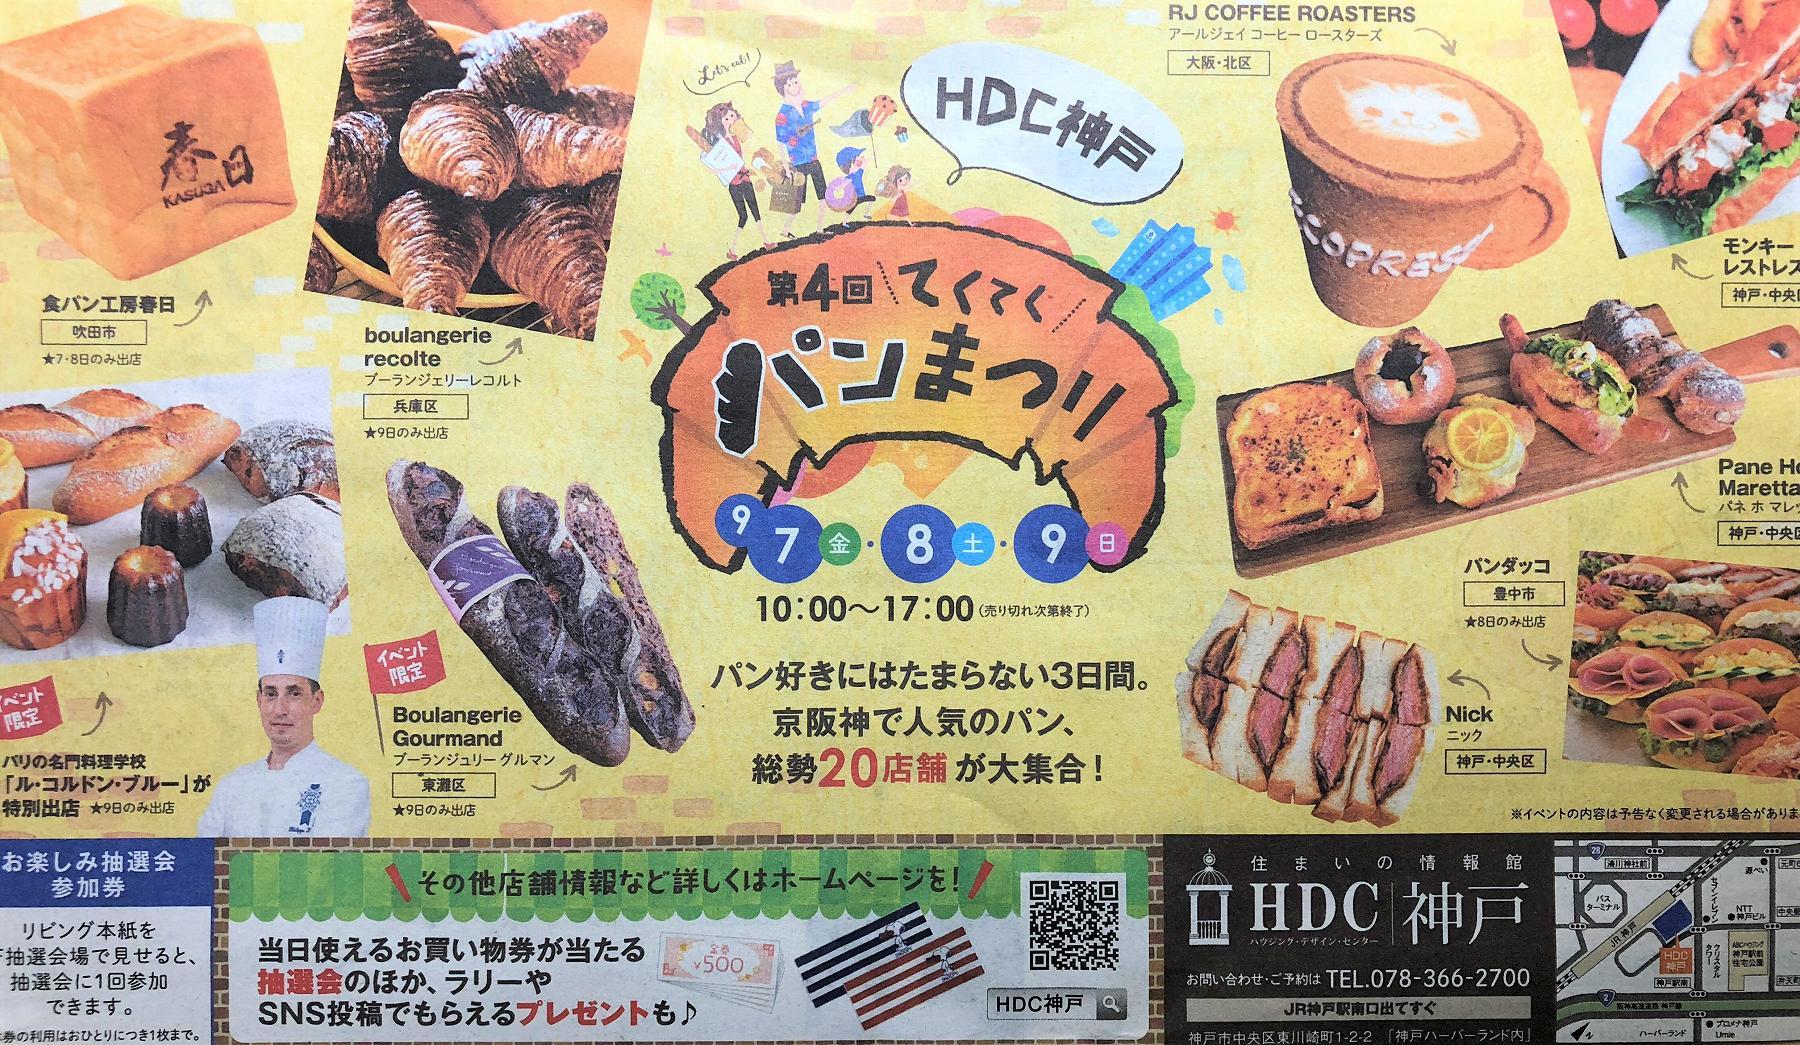 「第4回てくてくパンまつり」がHDC神戸で9/7(金)から9/9(日)まで開催されるよ!#てくてくパンまつり #HDC神戸 #パン好き #神戸パン